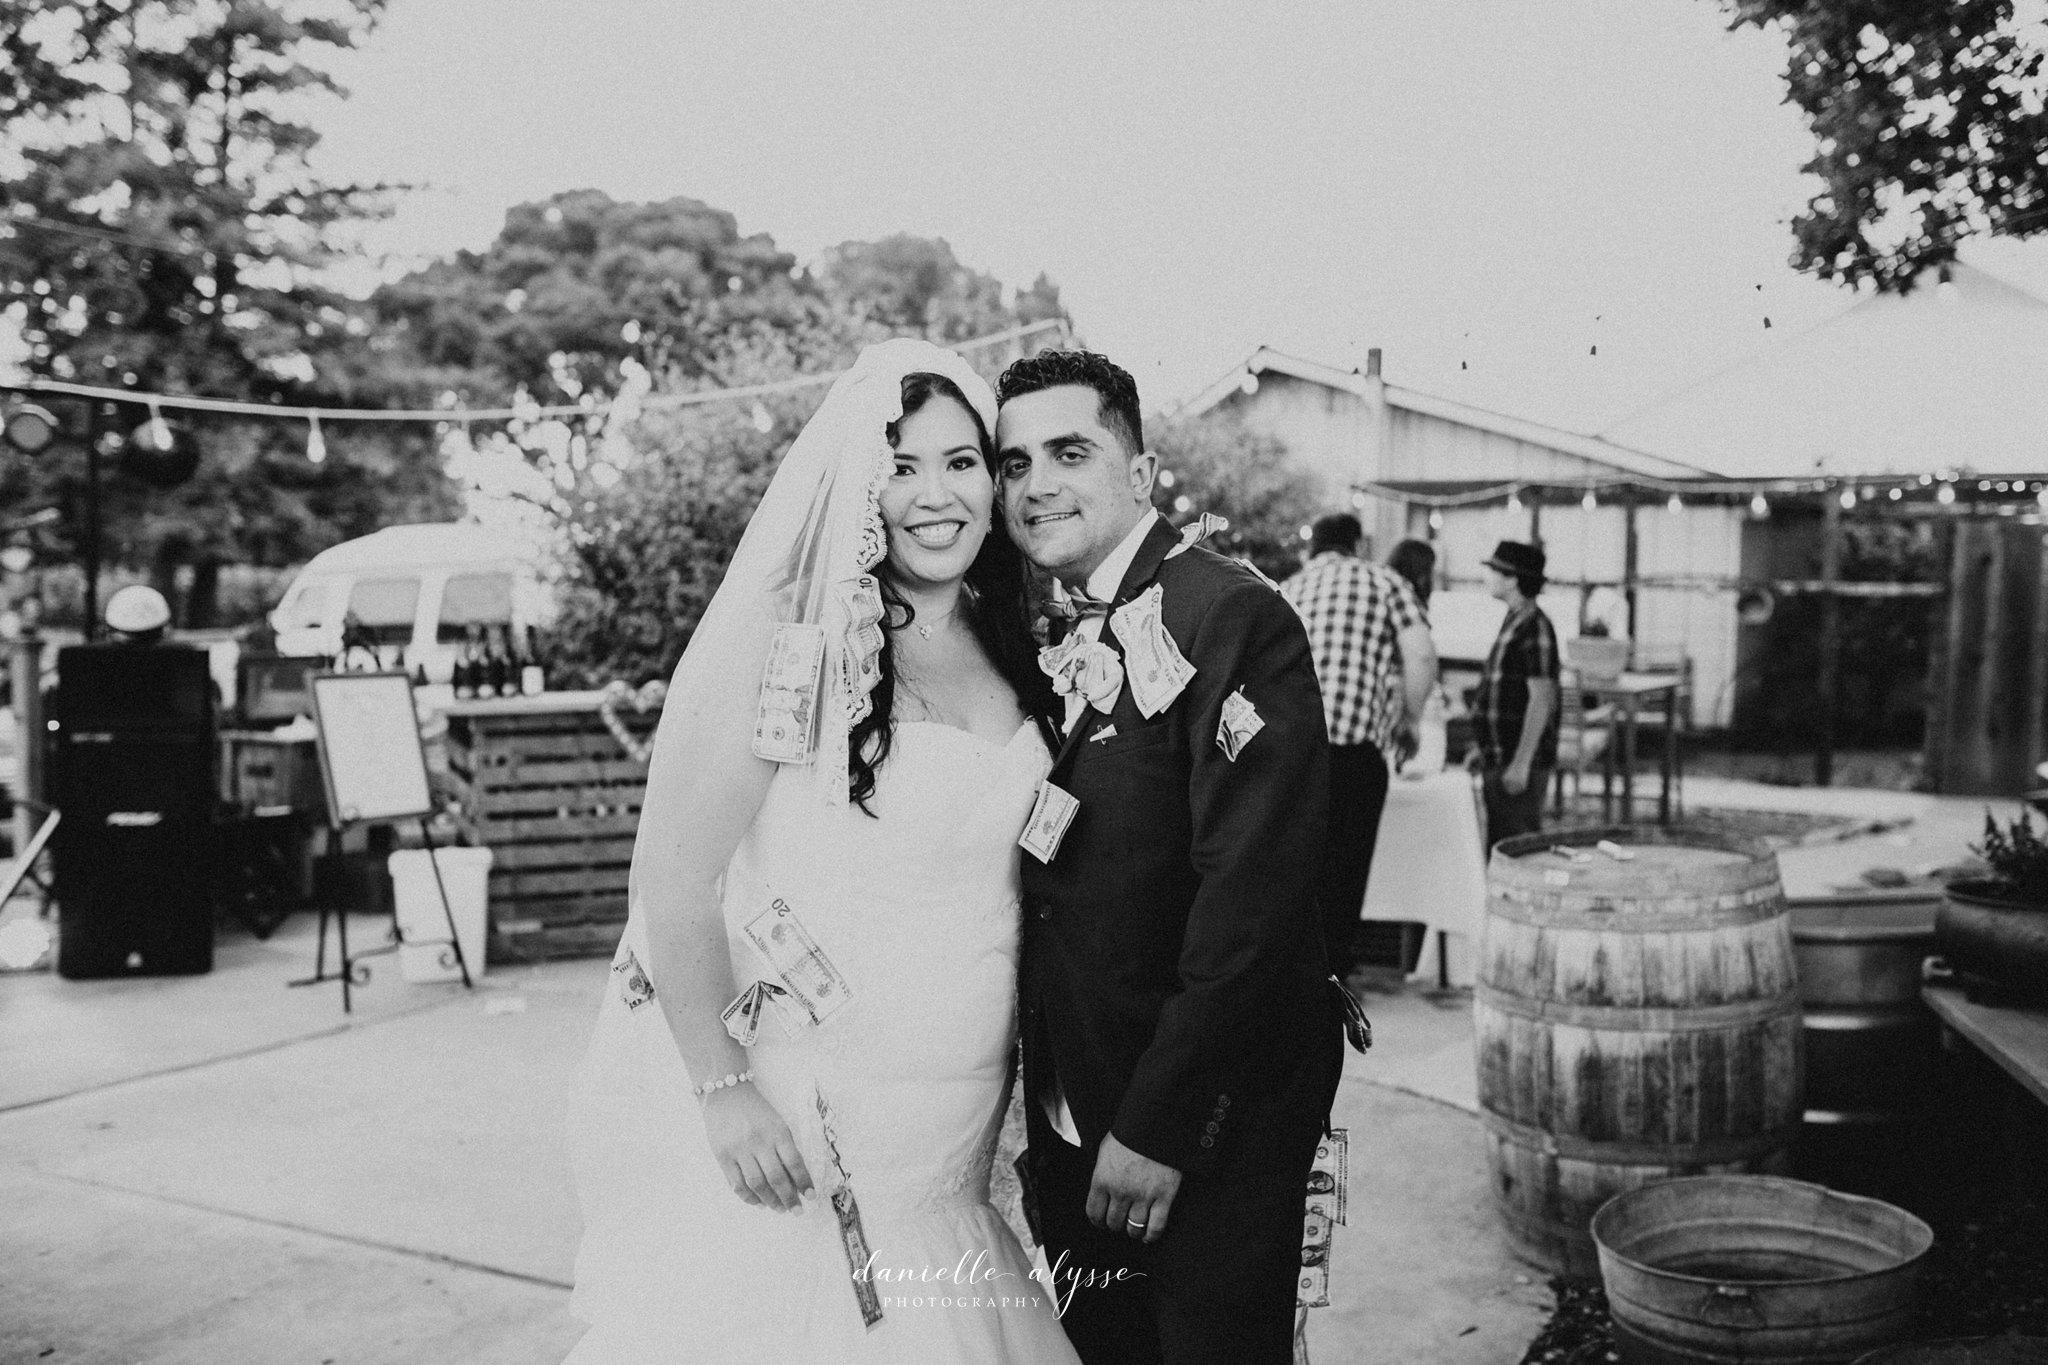 180630_wedding_lily_ryan_mission_soledad_california_danielle_alysse_photography_blog_1150_WEB.jpg